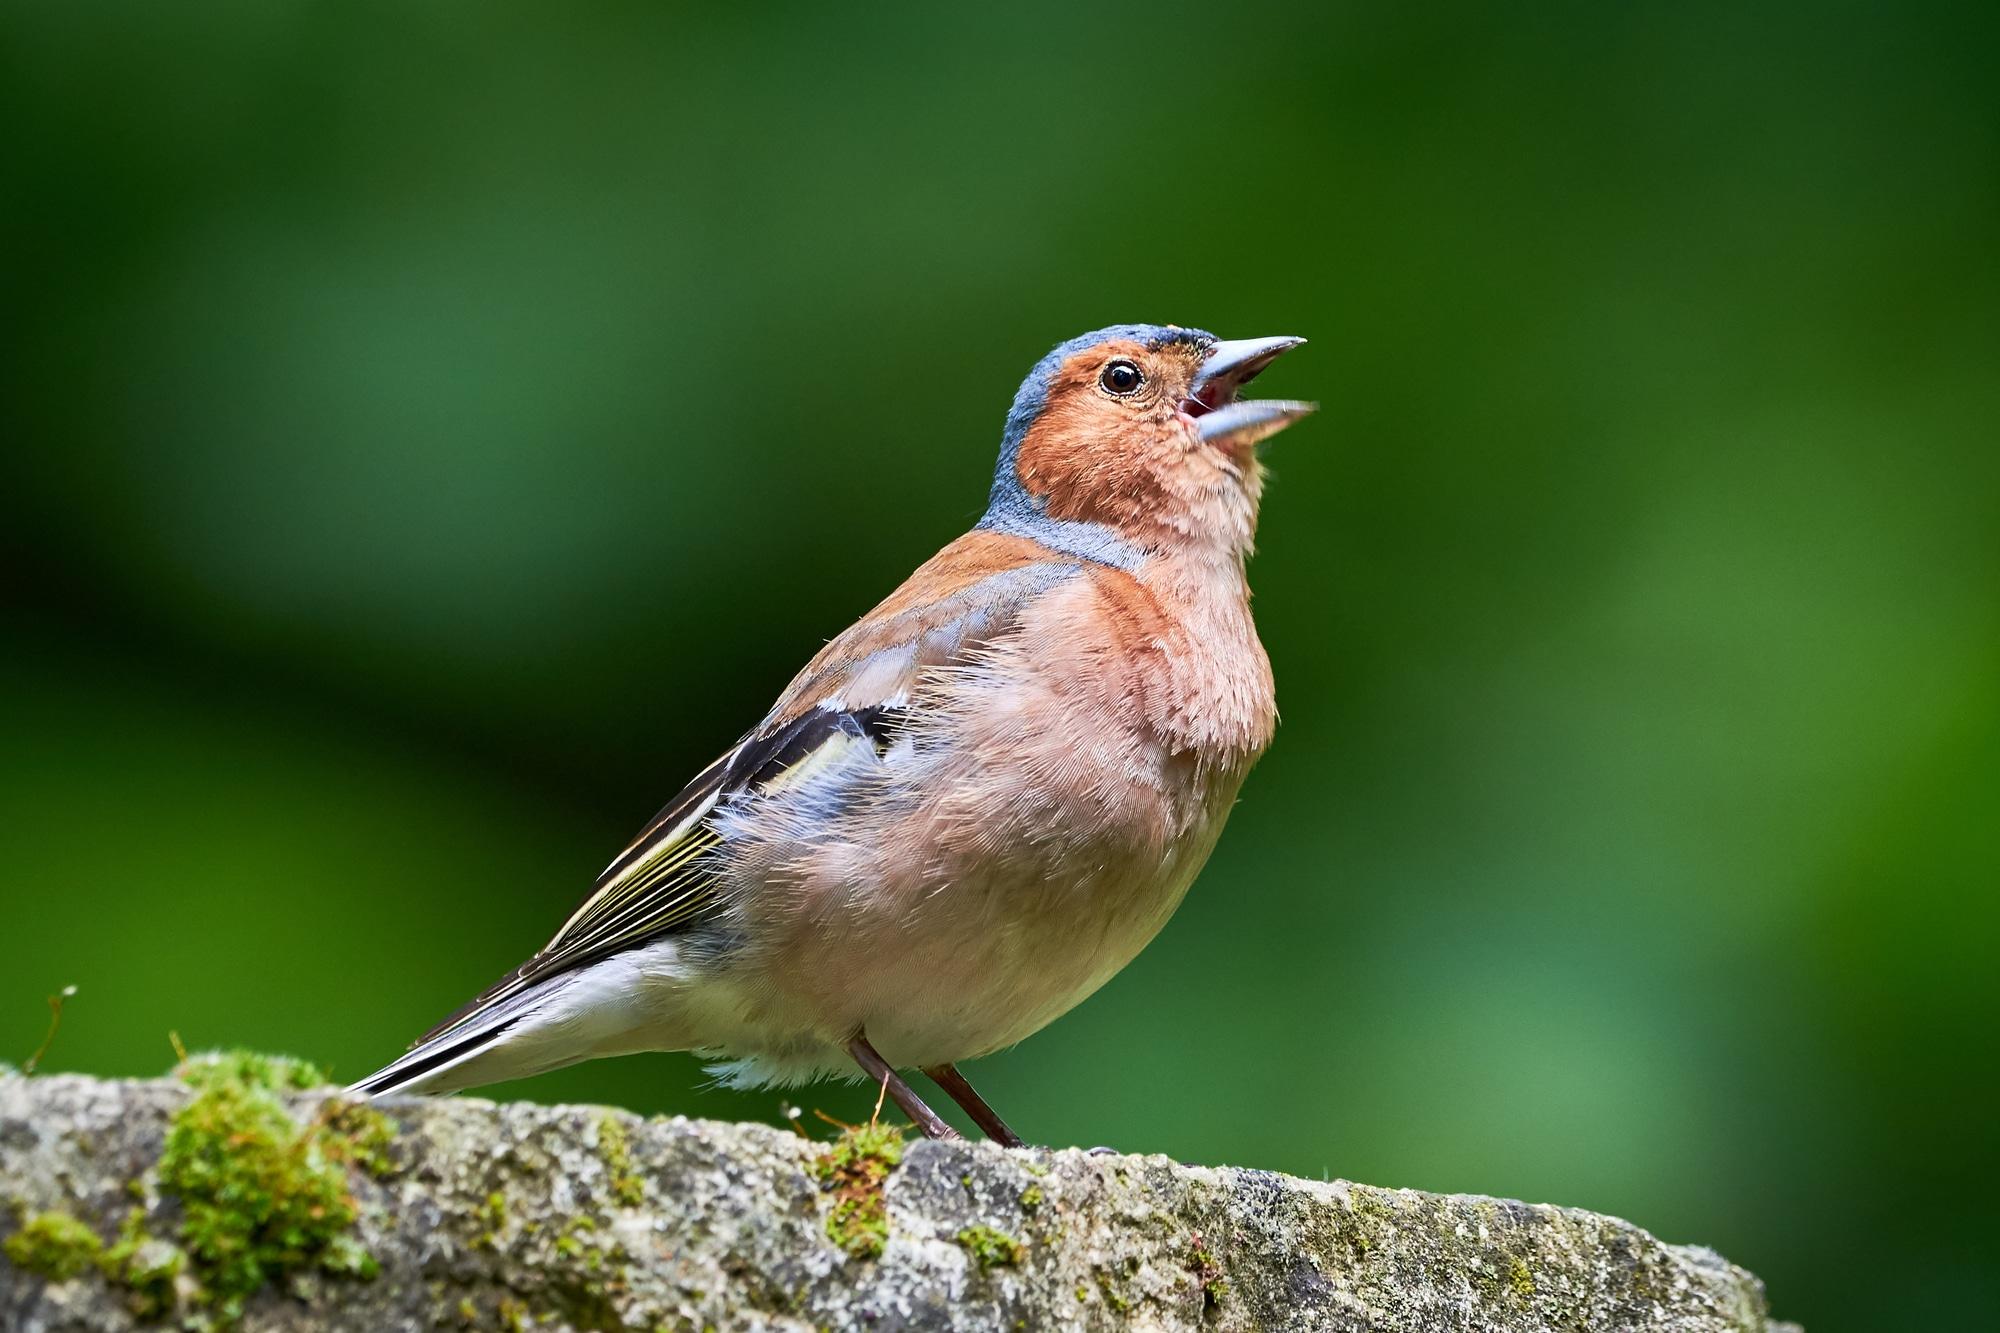 A singing chaffinch